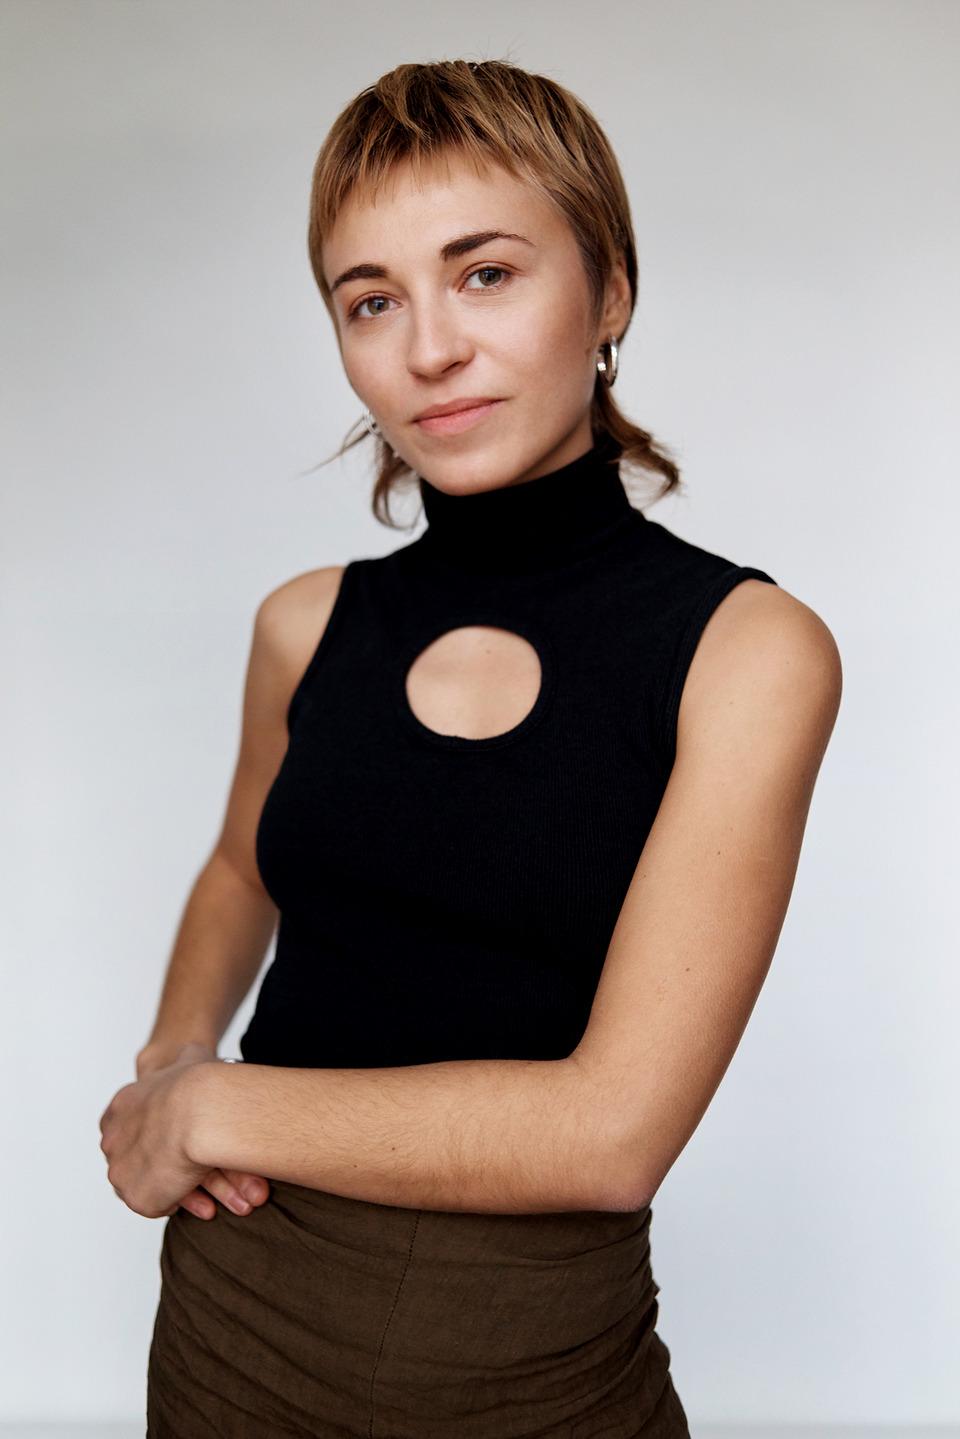 Anna-Lena Krause